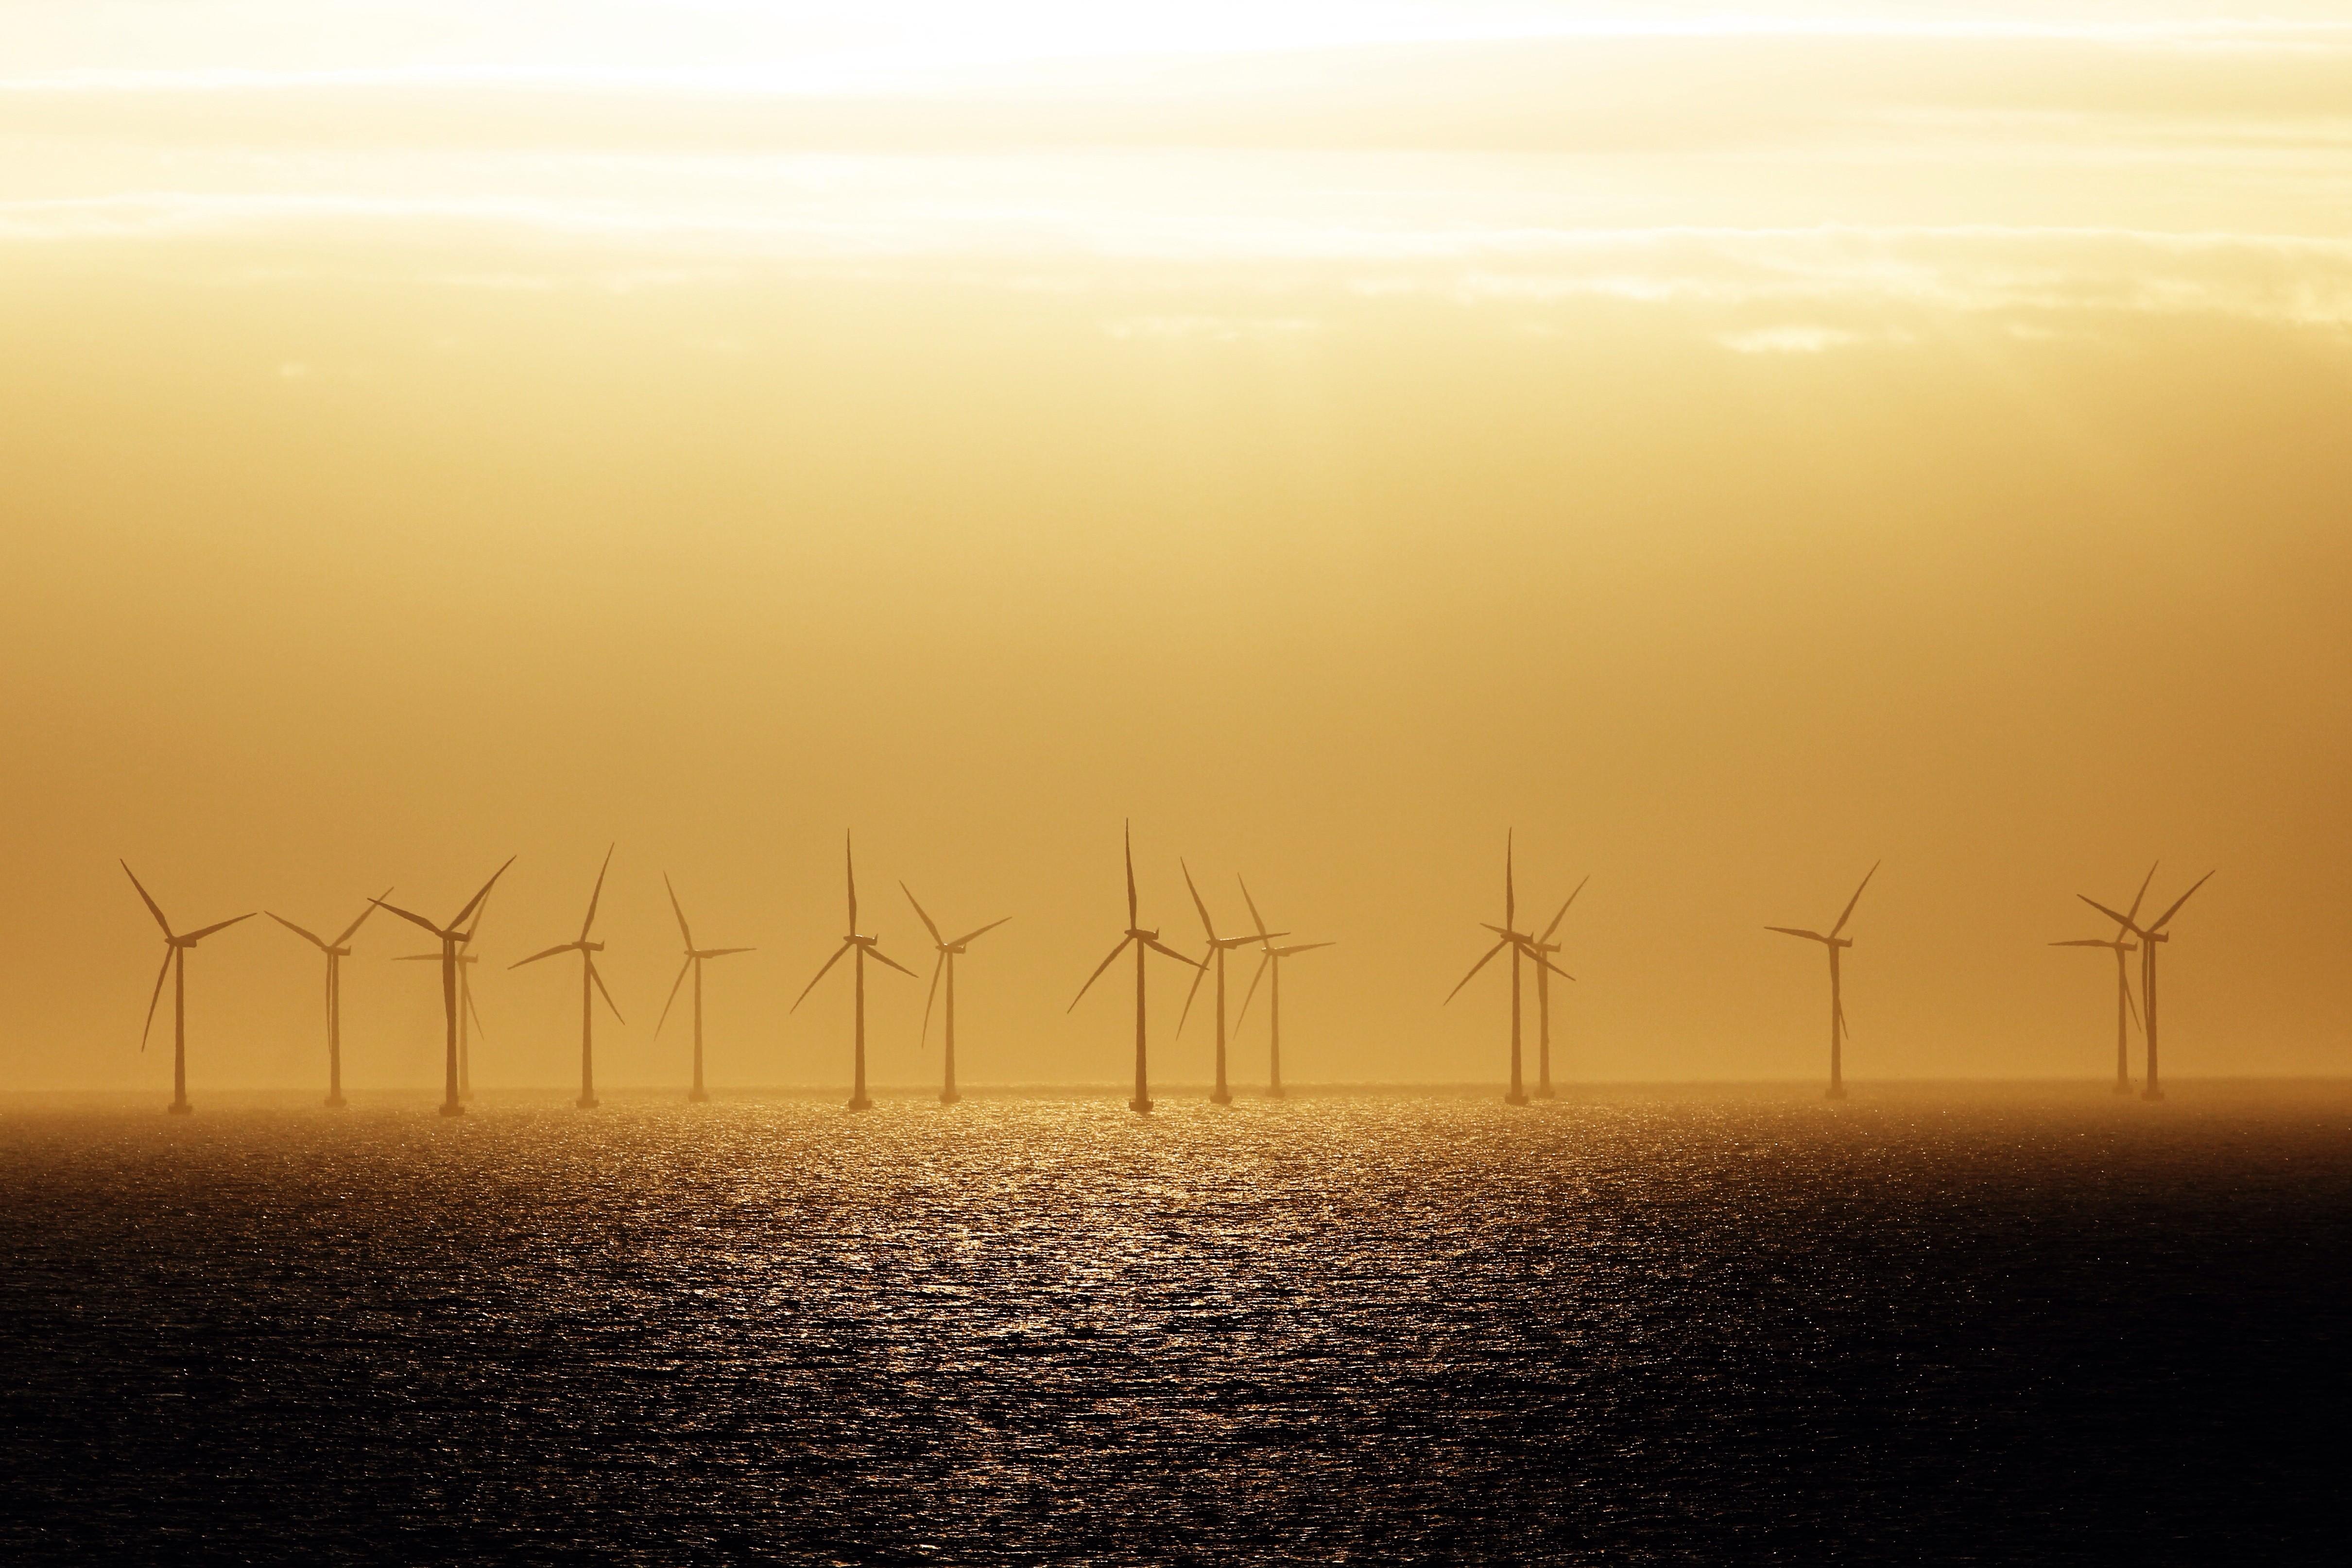 風力タービンの仕組みから考える、風力発電のこれからの可能性について